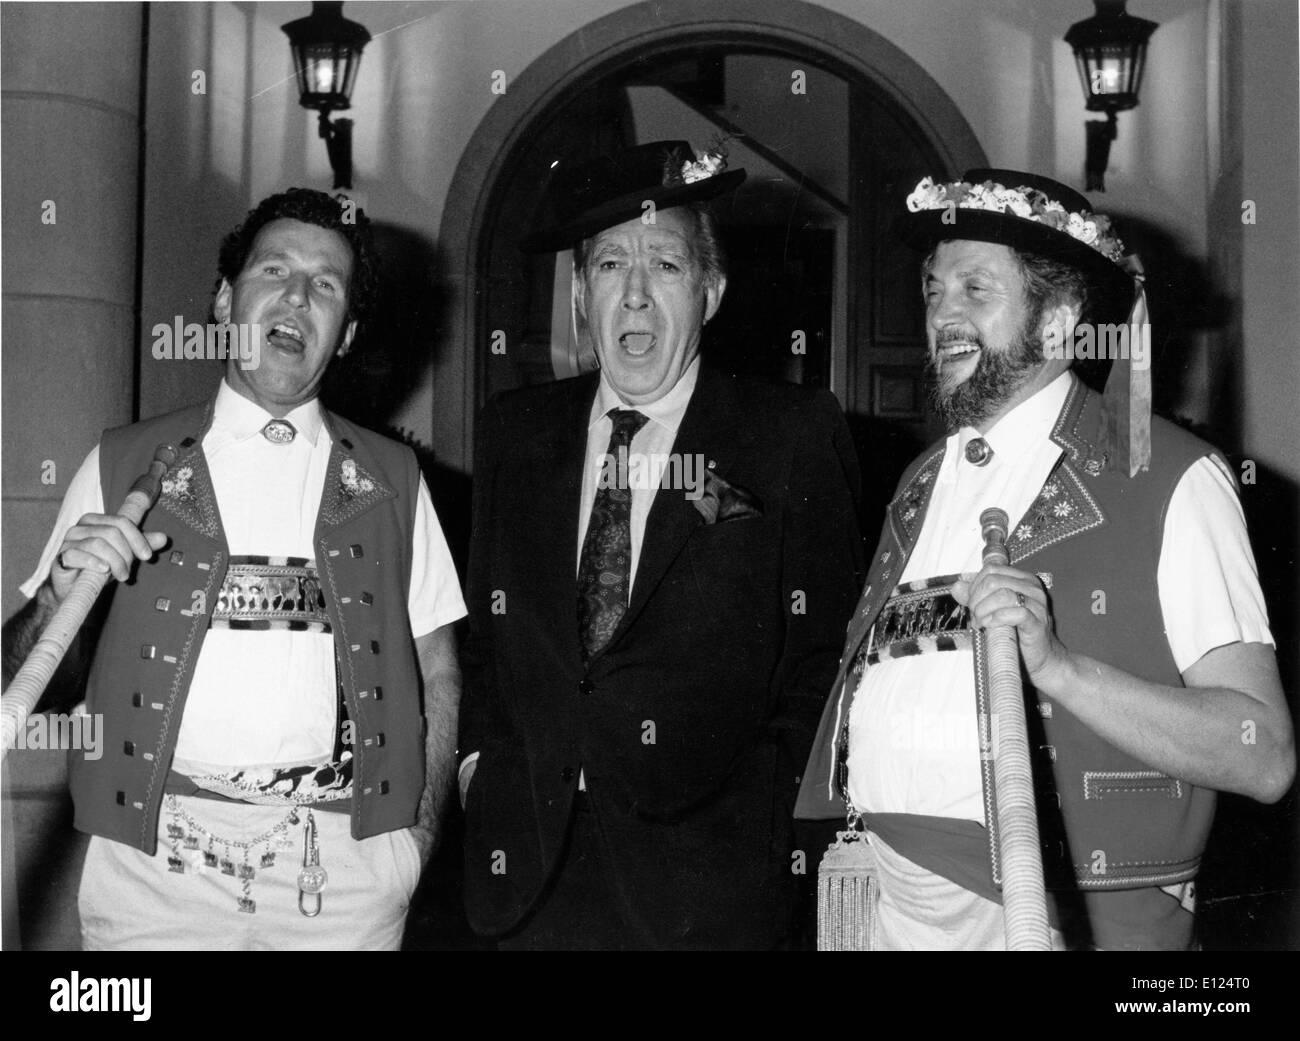 Dec 18, 1990; Lucerne, Switzerland; Oscar winning actor ANTHONY QUINN (1915-2001) in Switzerland.. - Stock Image